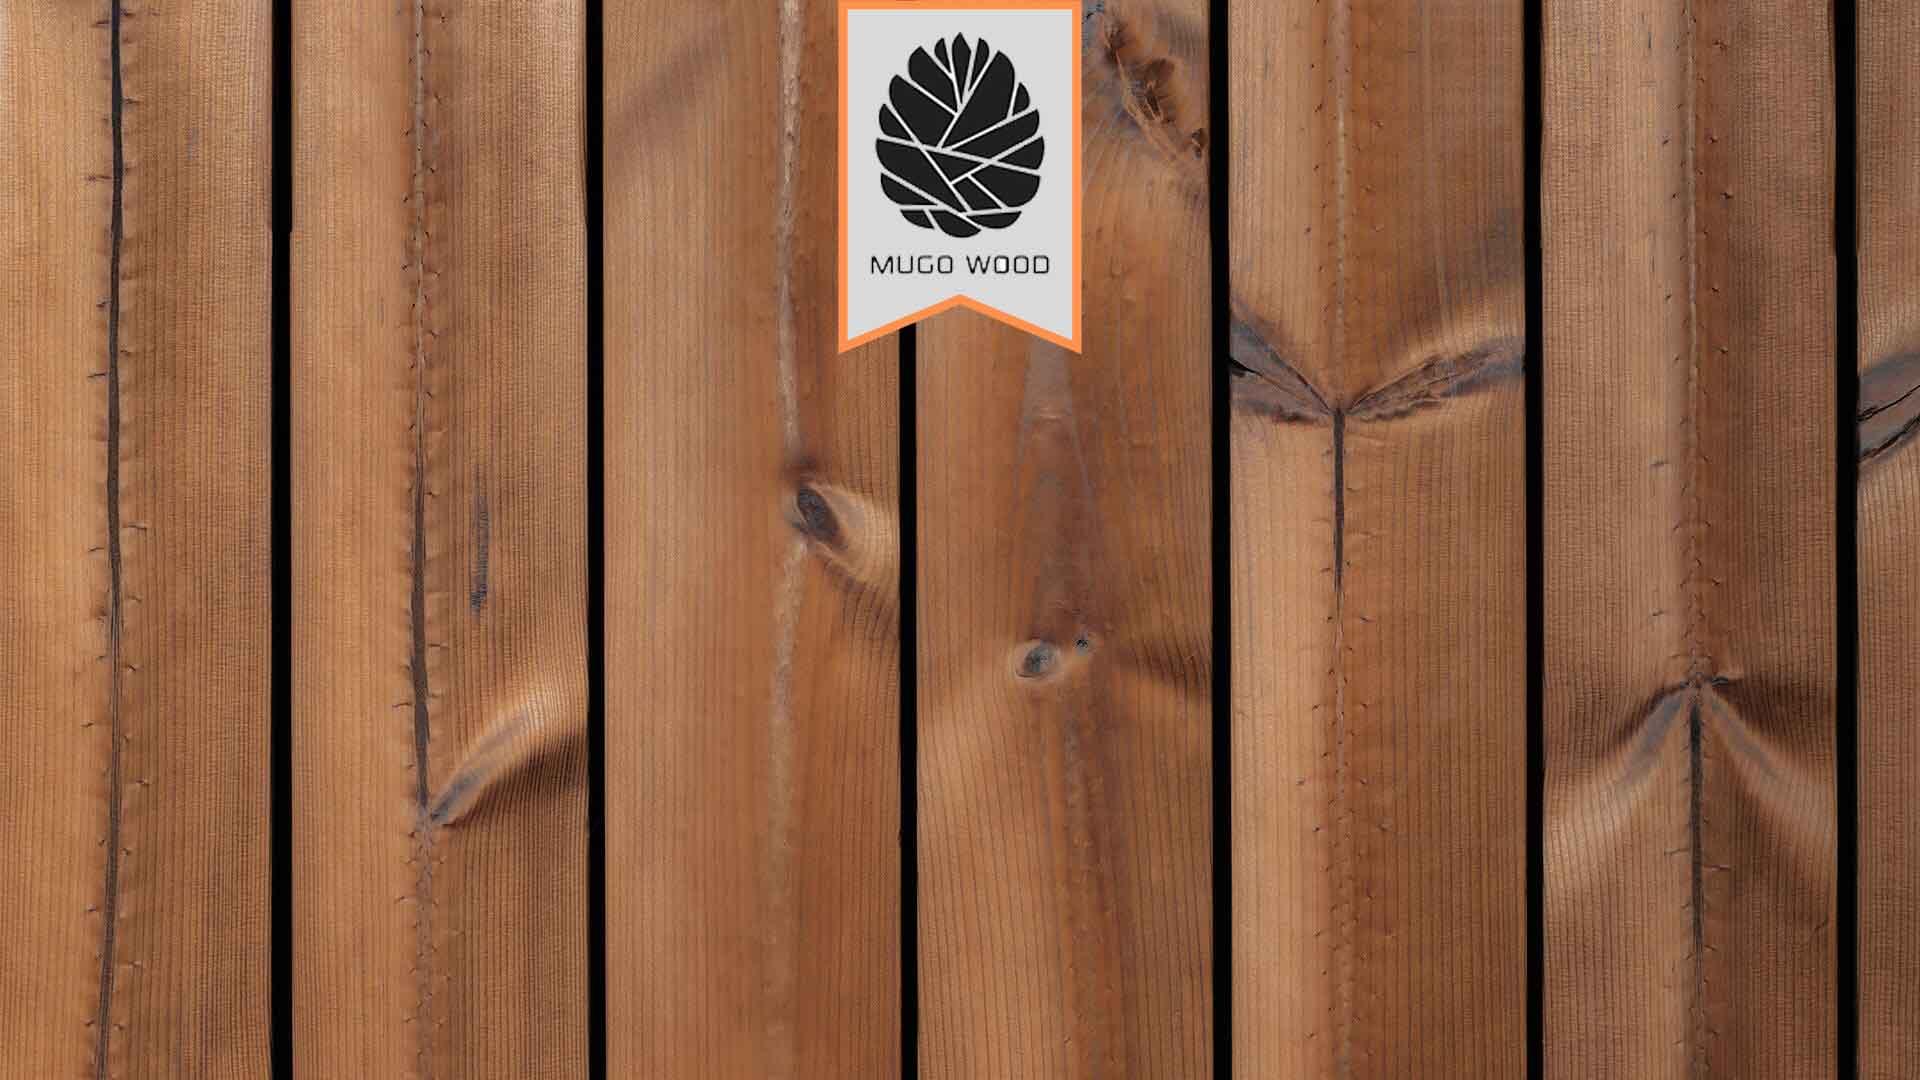 چوب ترمو فنلاندی | موگو وود | ترموود فنلاند | قیمت چوب ترموود فنلاندی | ترمووود فنلاند | ترموود | ترمووود | چوب ترمو | رنگ ترموود | رنگ ترمووود | چوب ترمو | چوب ترموود | ترموود ایرانی | ترمو وود |